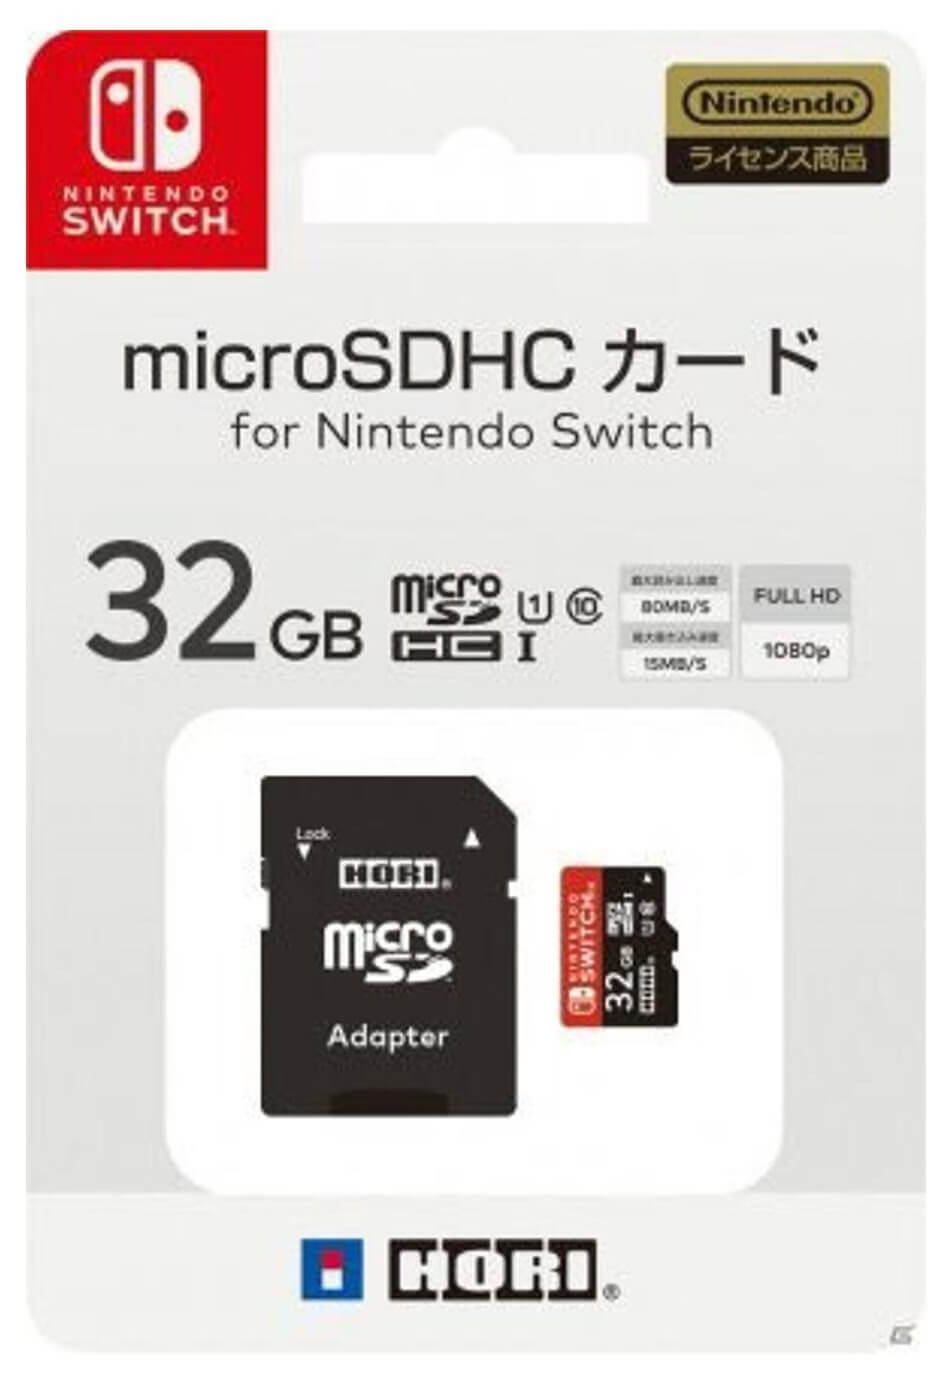 Nintendo Switch terá seus próprios cartões microSD...e eles serão bem caros